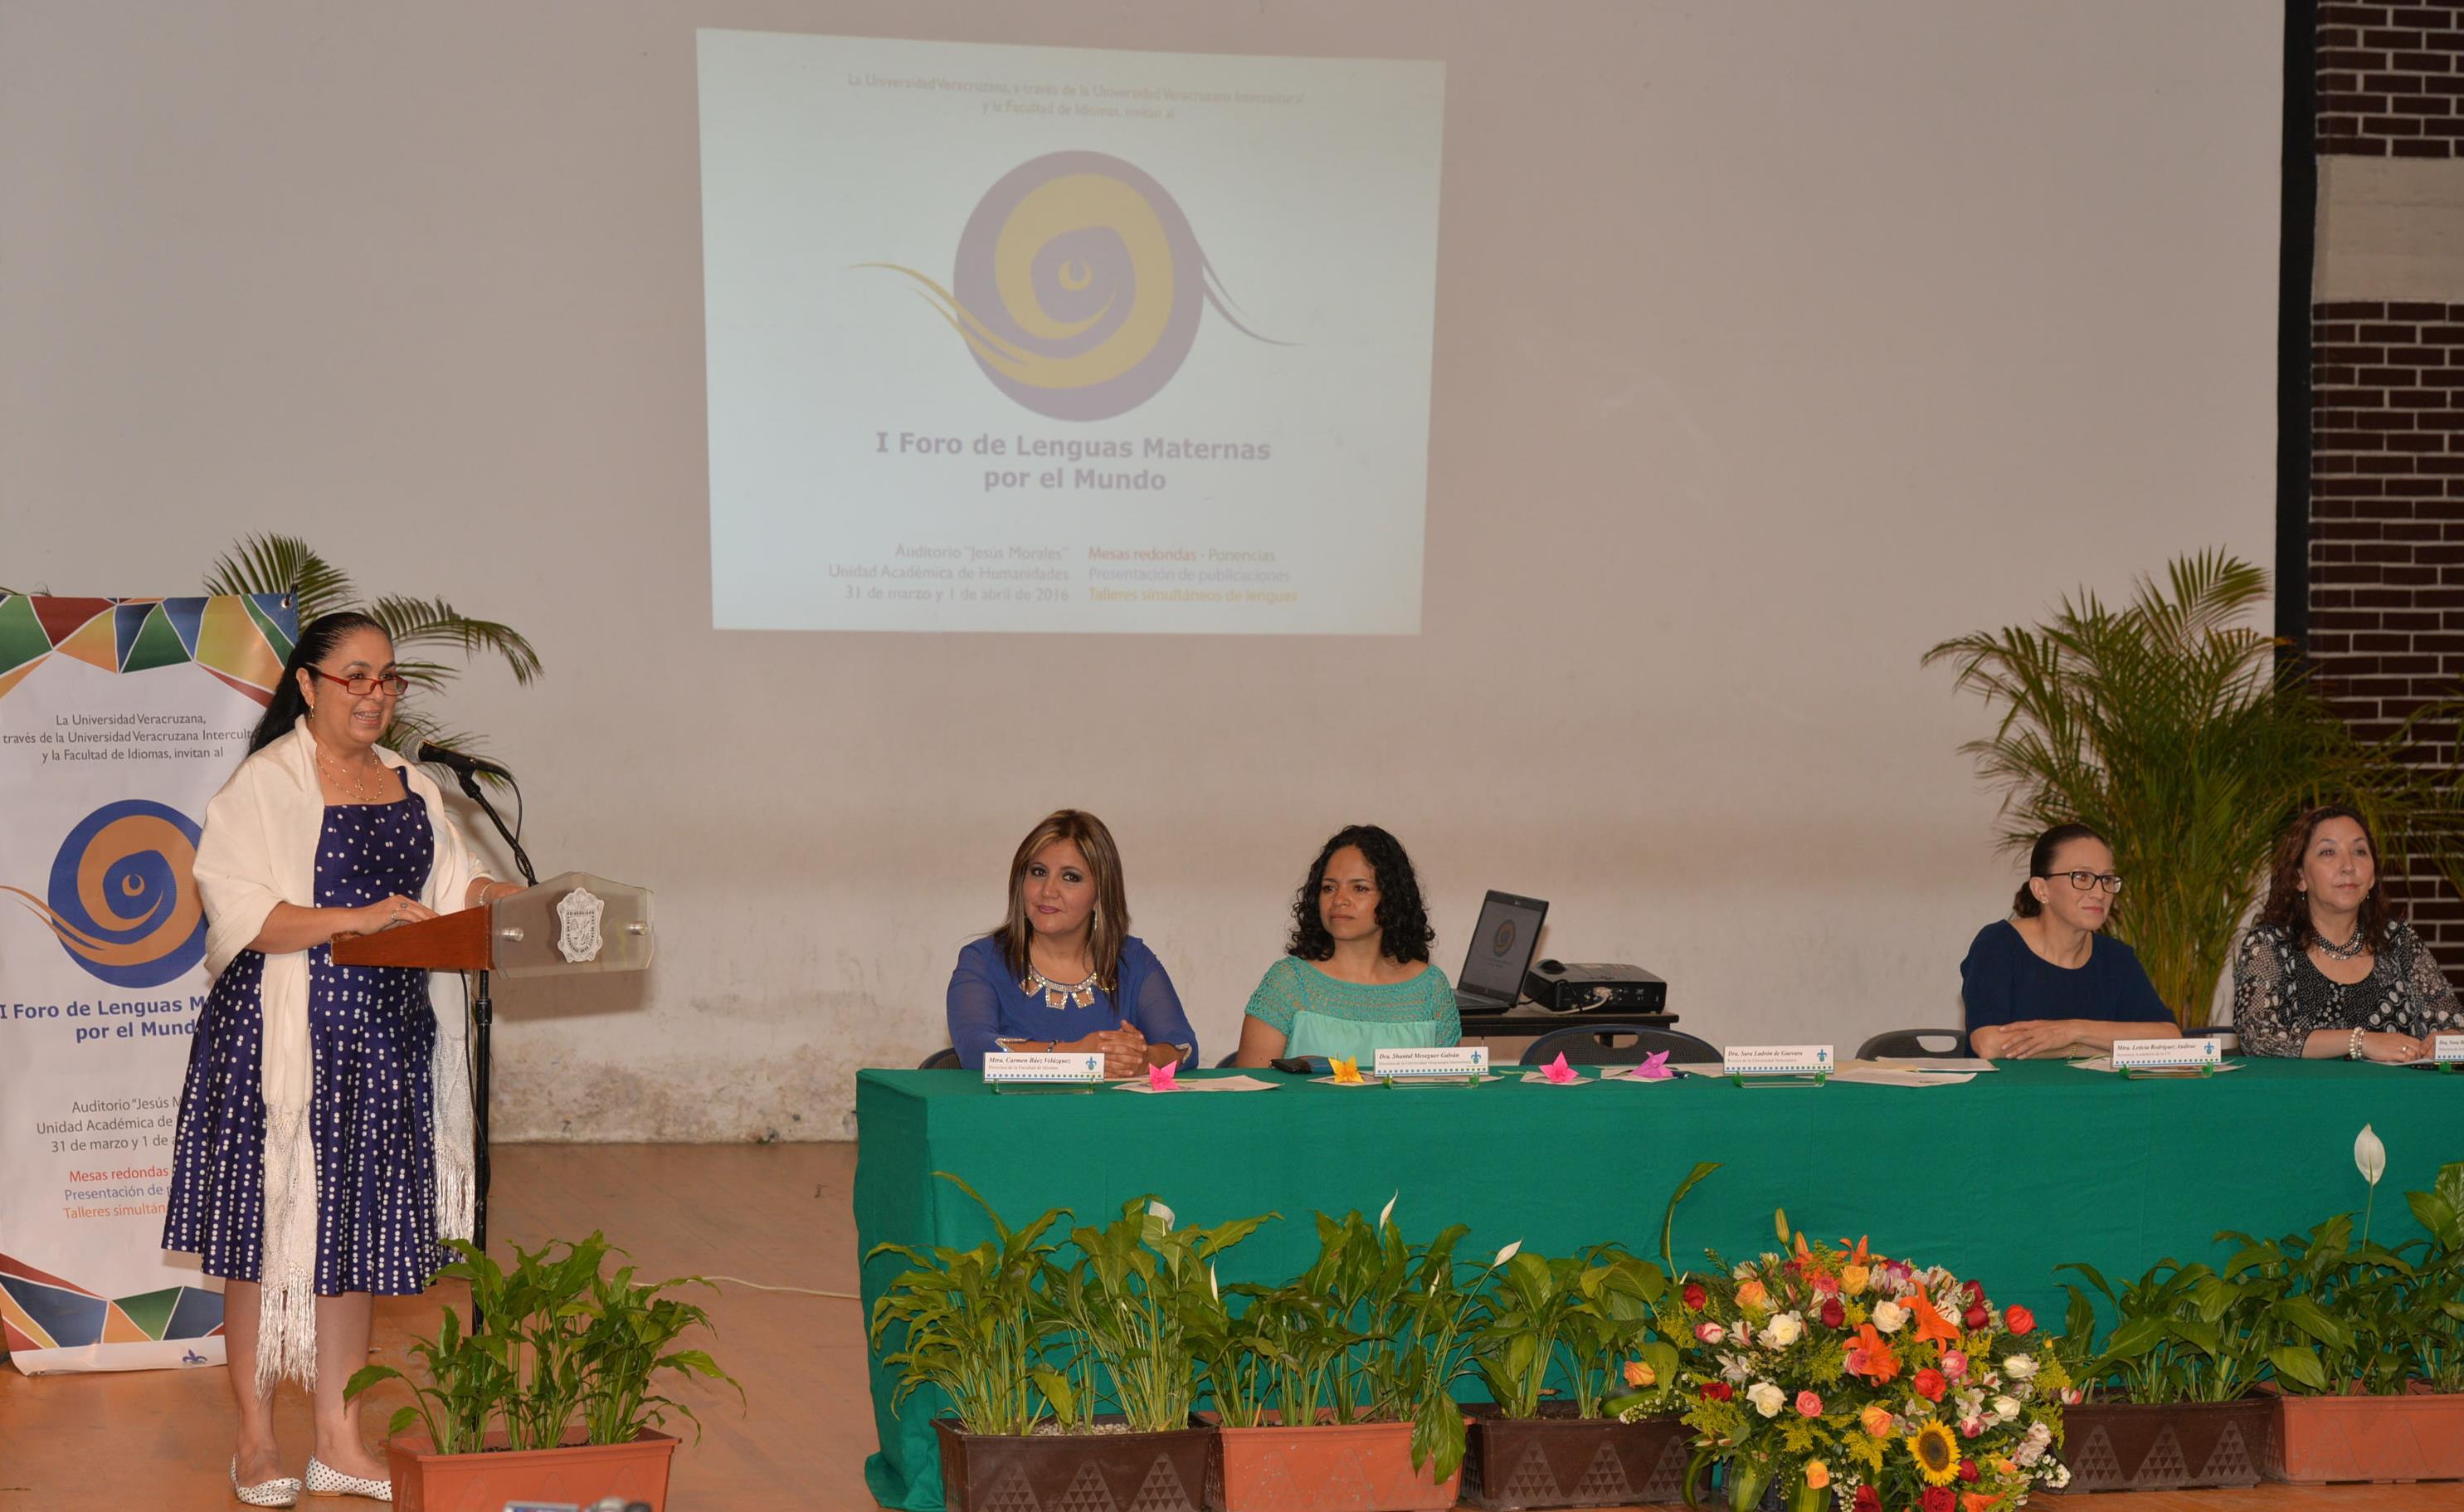 UV, única institución que recibe tesis en lengua materna